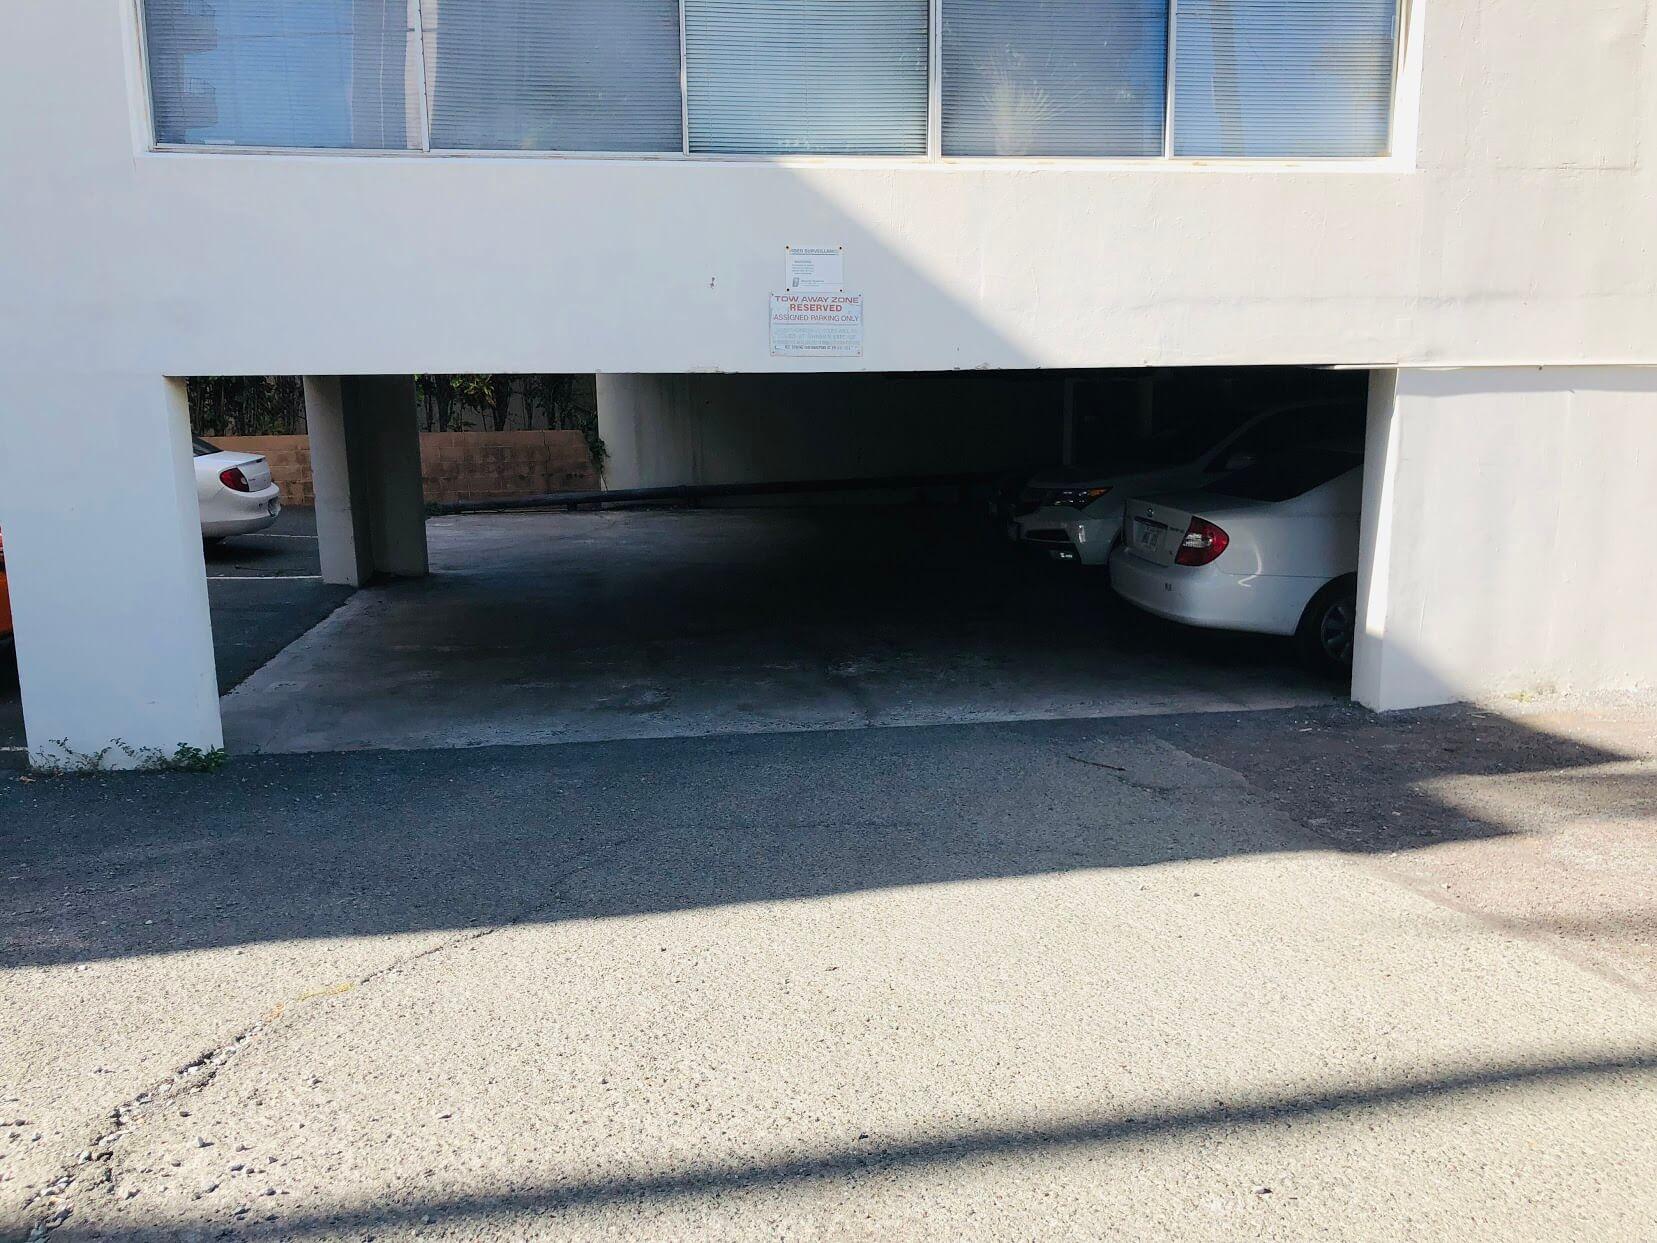 Ohualaniの駐車場